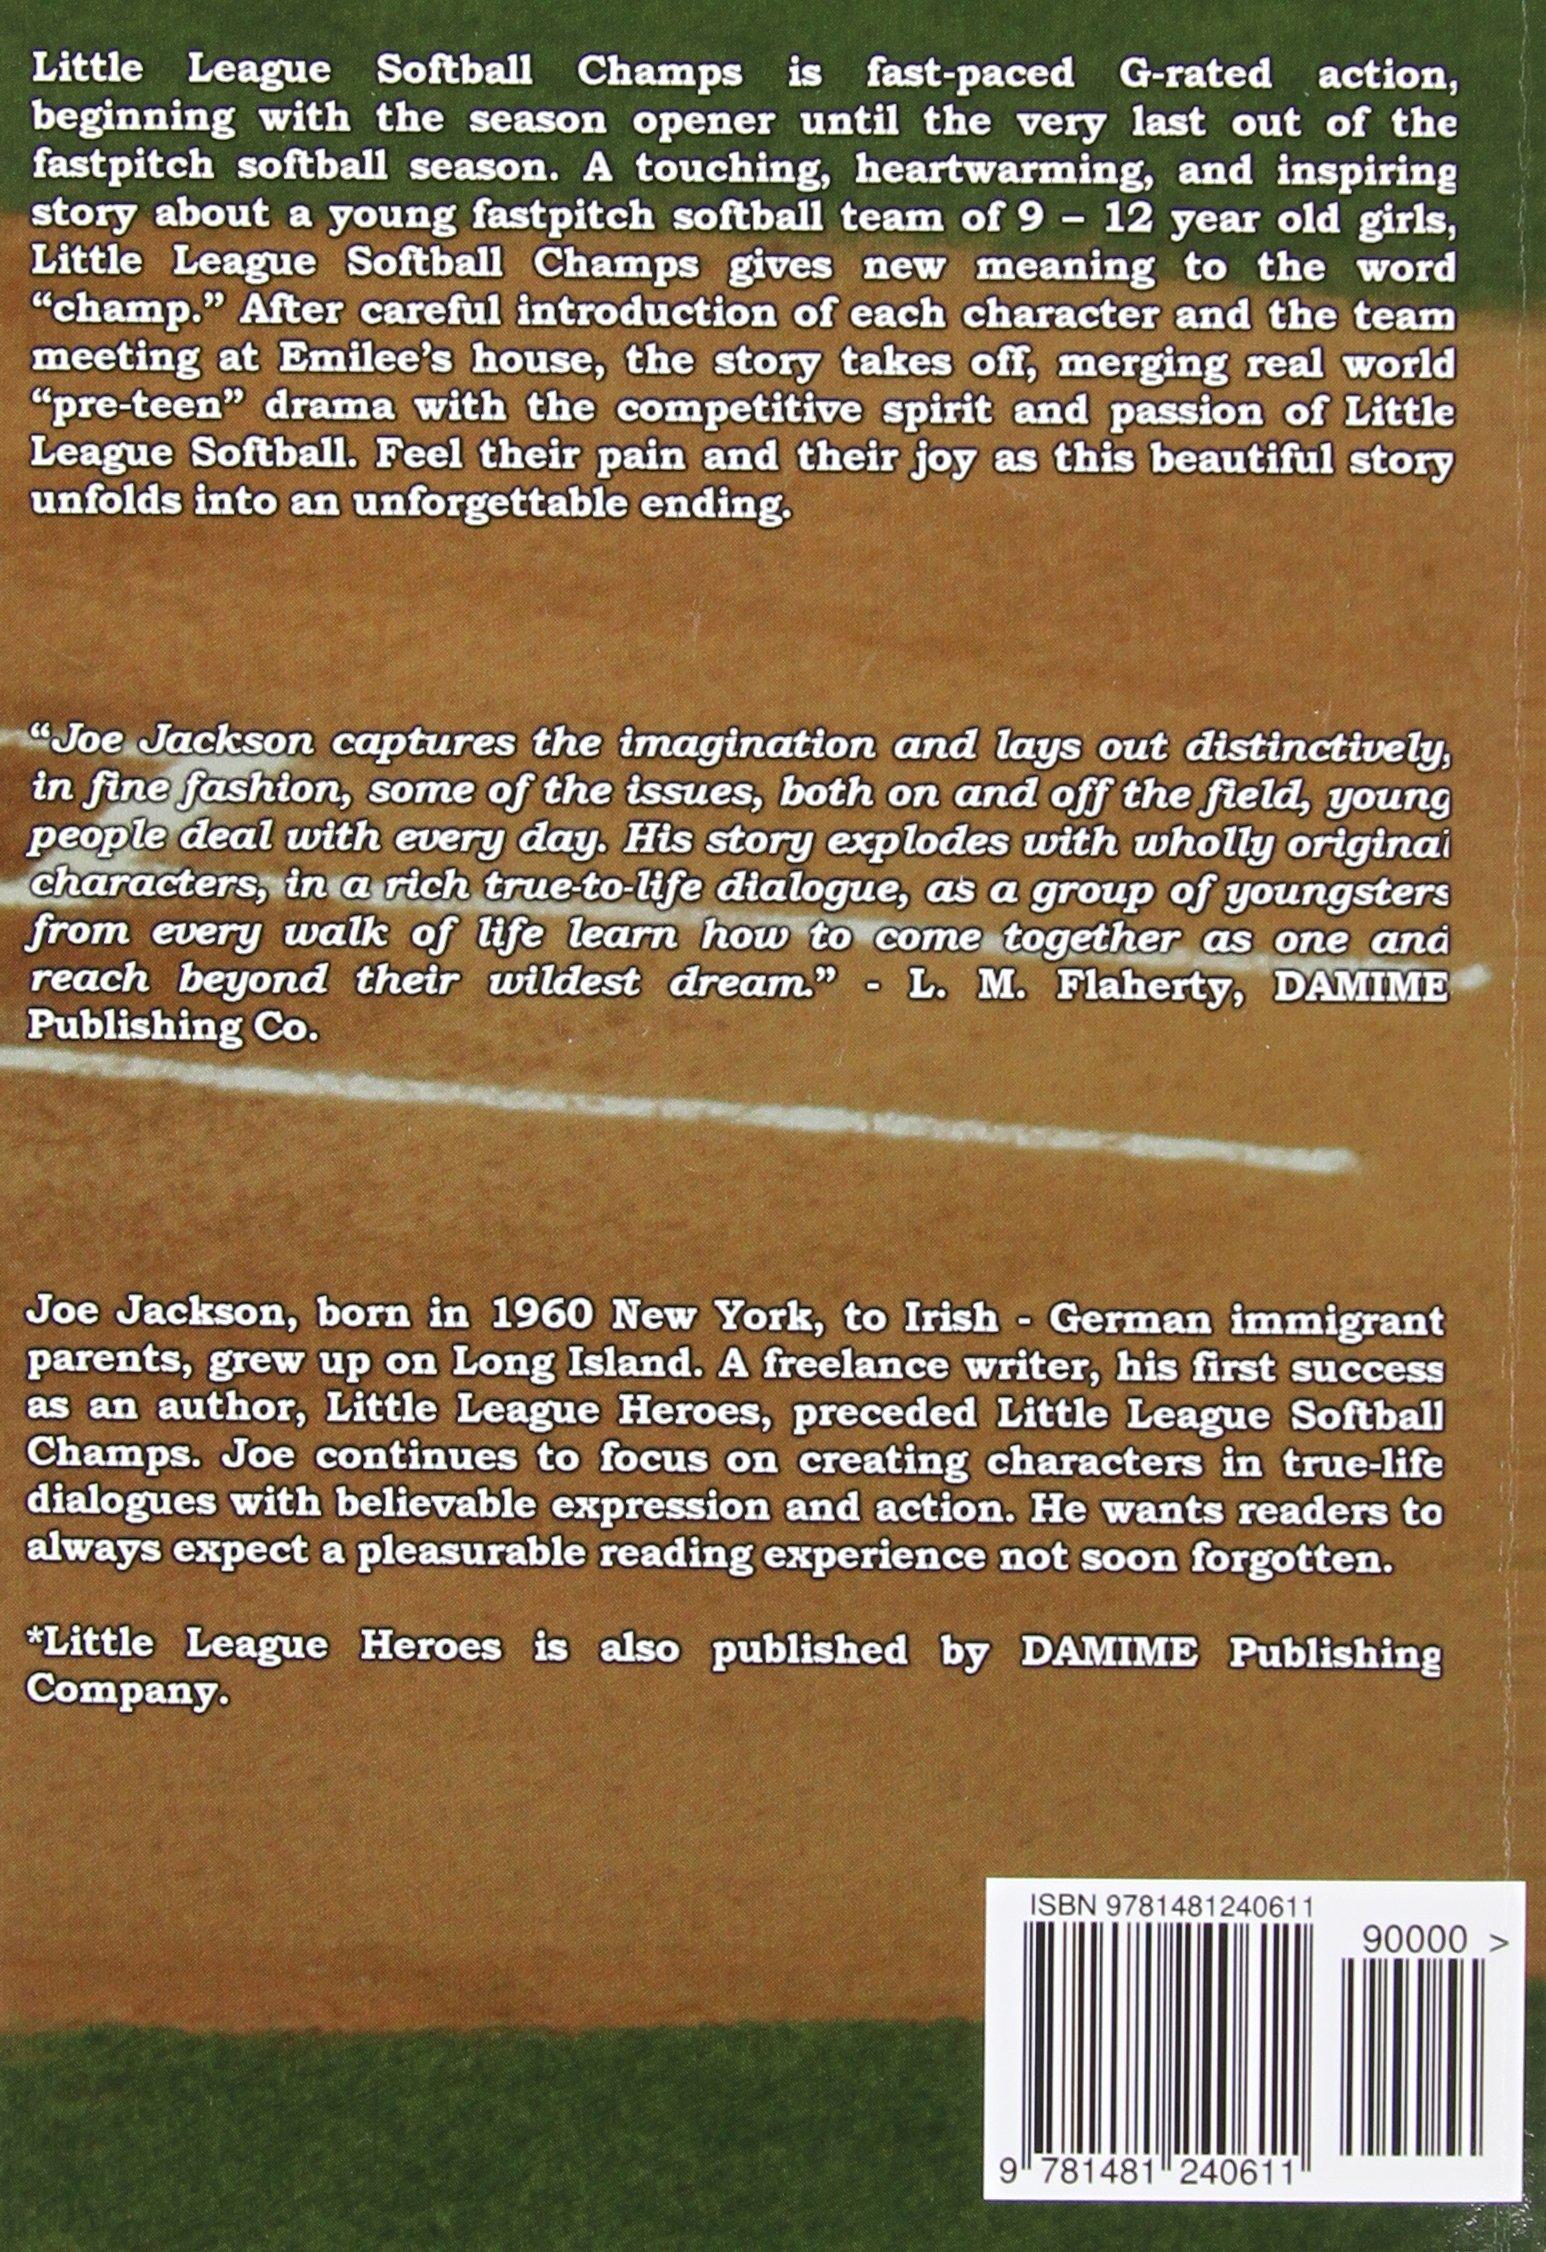 Little League Softball Champs: Joe Jackson: 9781481240611: Amazon ...